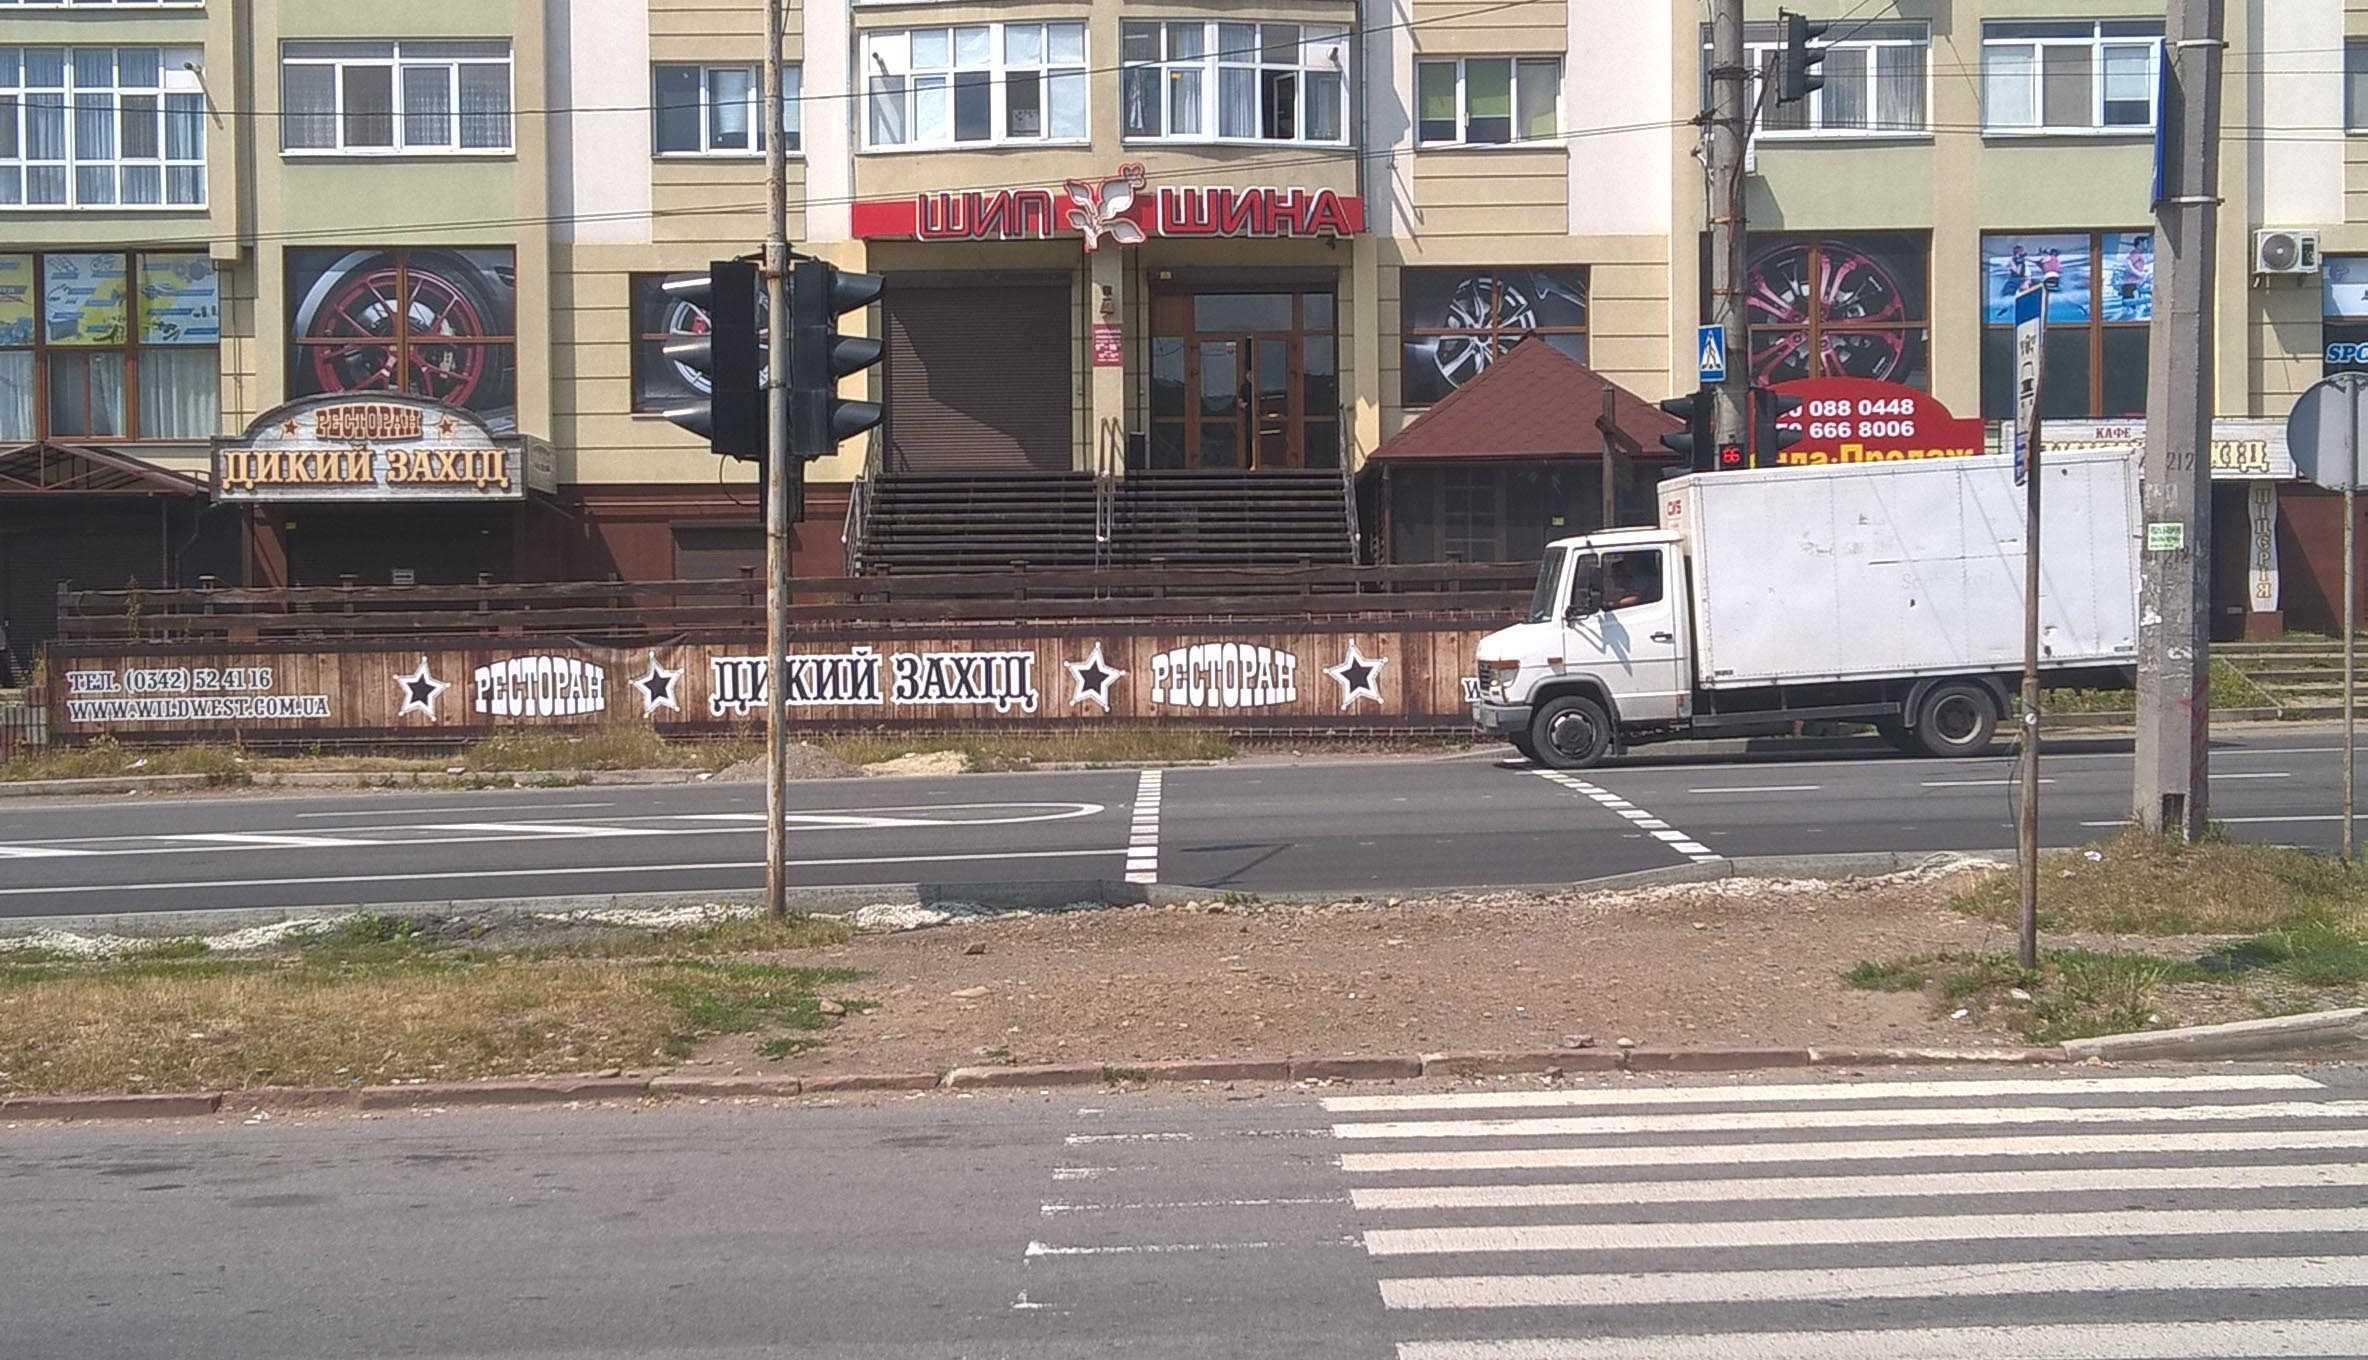 Шип Шина Івано-Франківськ, магазин шин, Галицька, 203, Івано-Франківськ